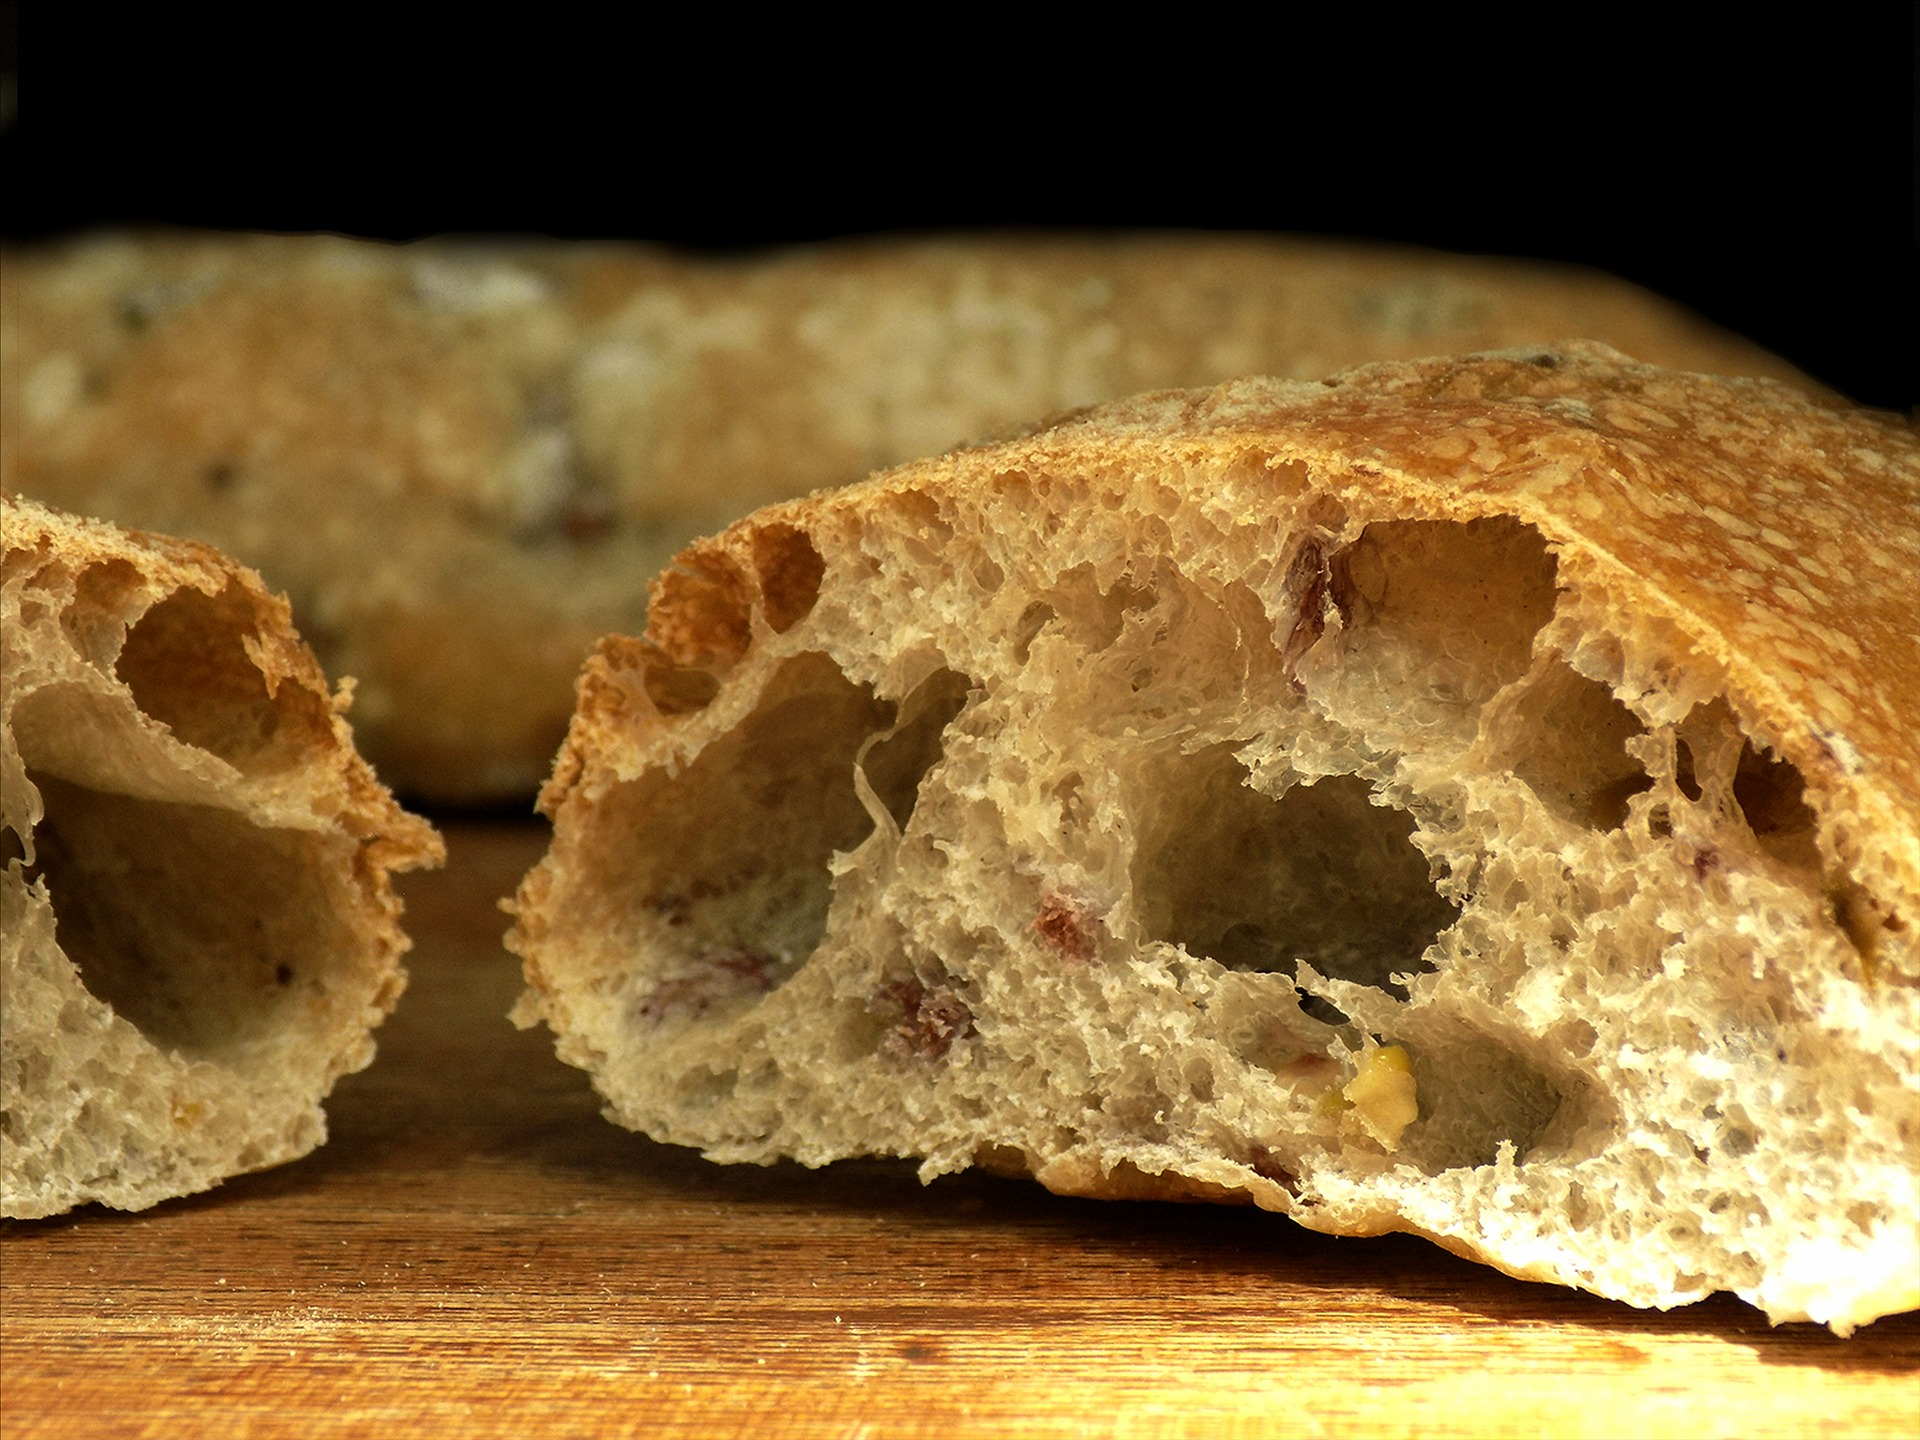 артизанские хлеба.jpg